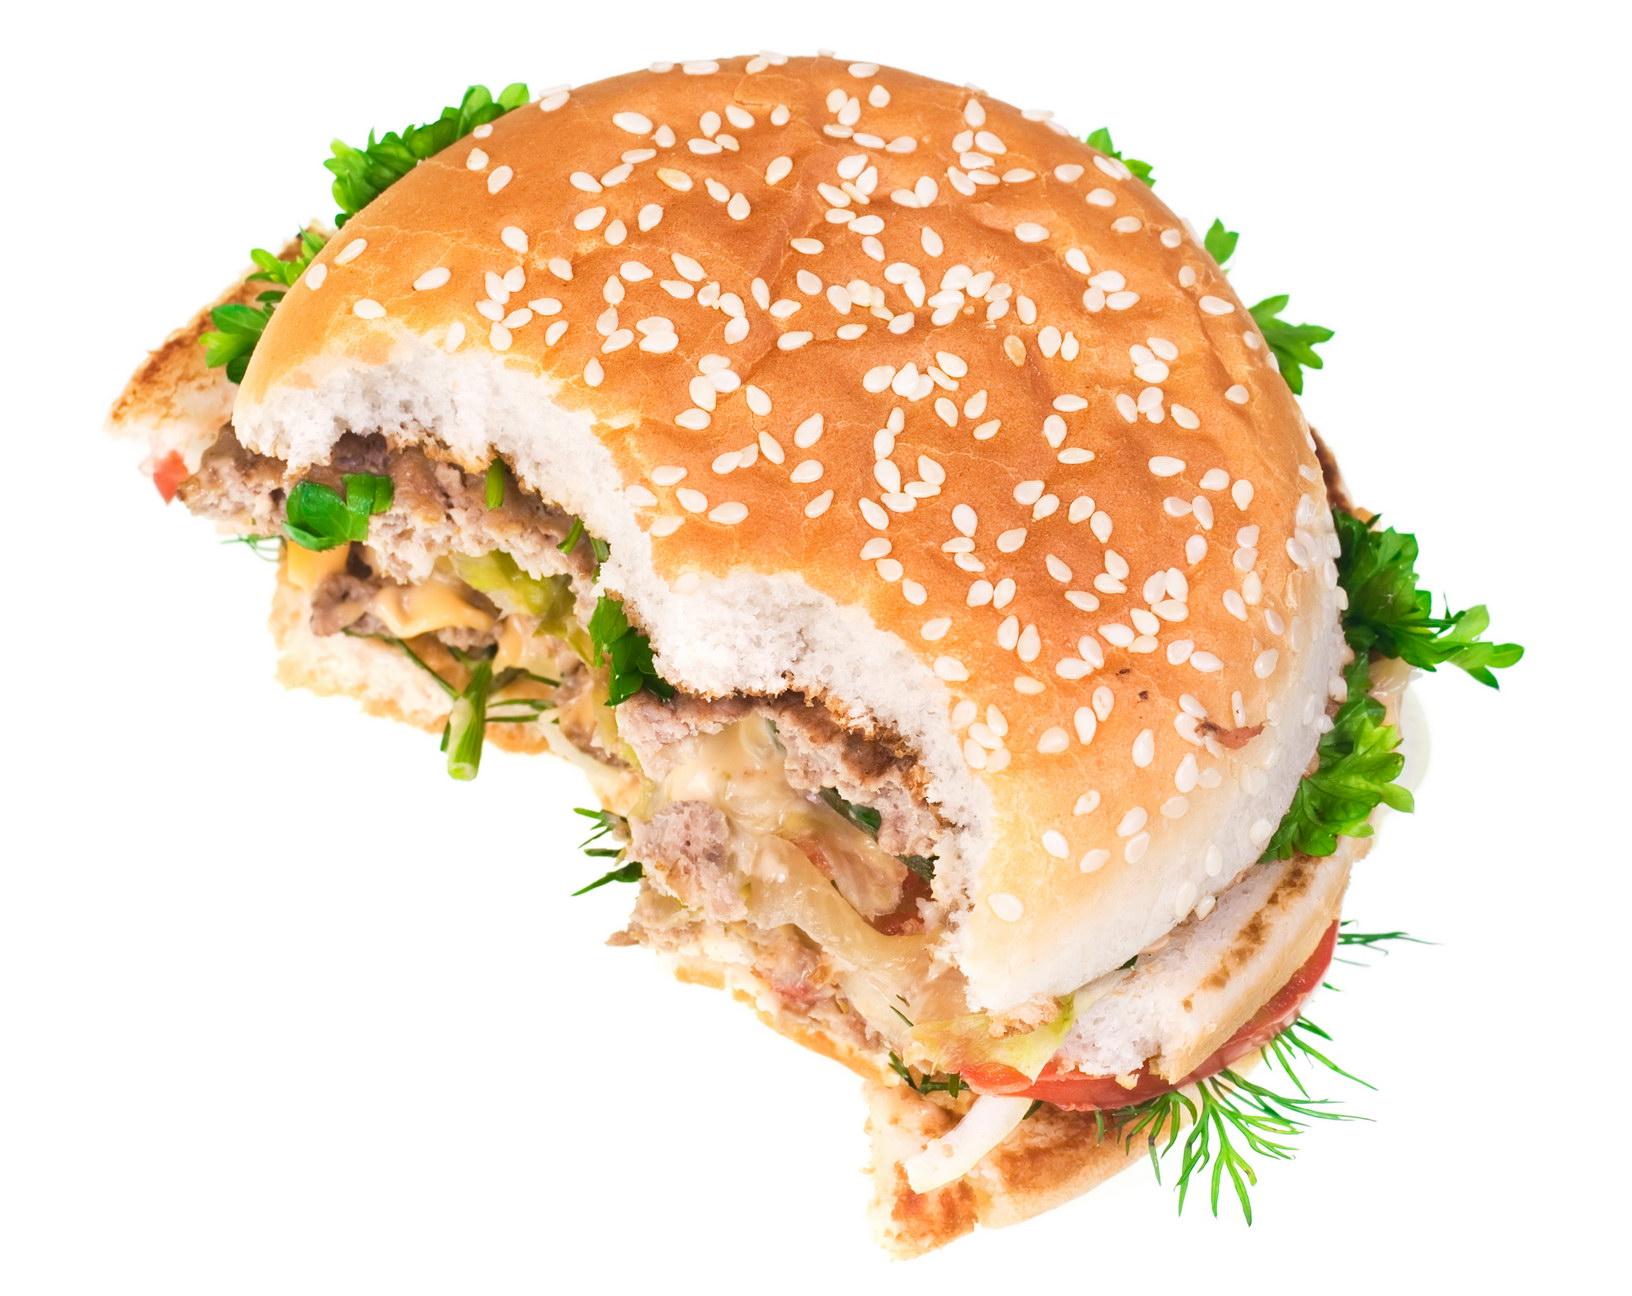 Half Eaten Hamburger